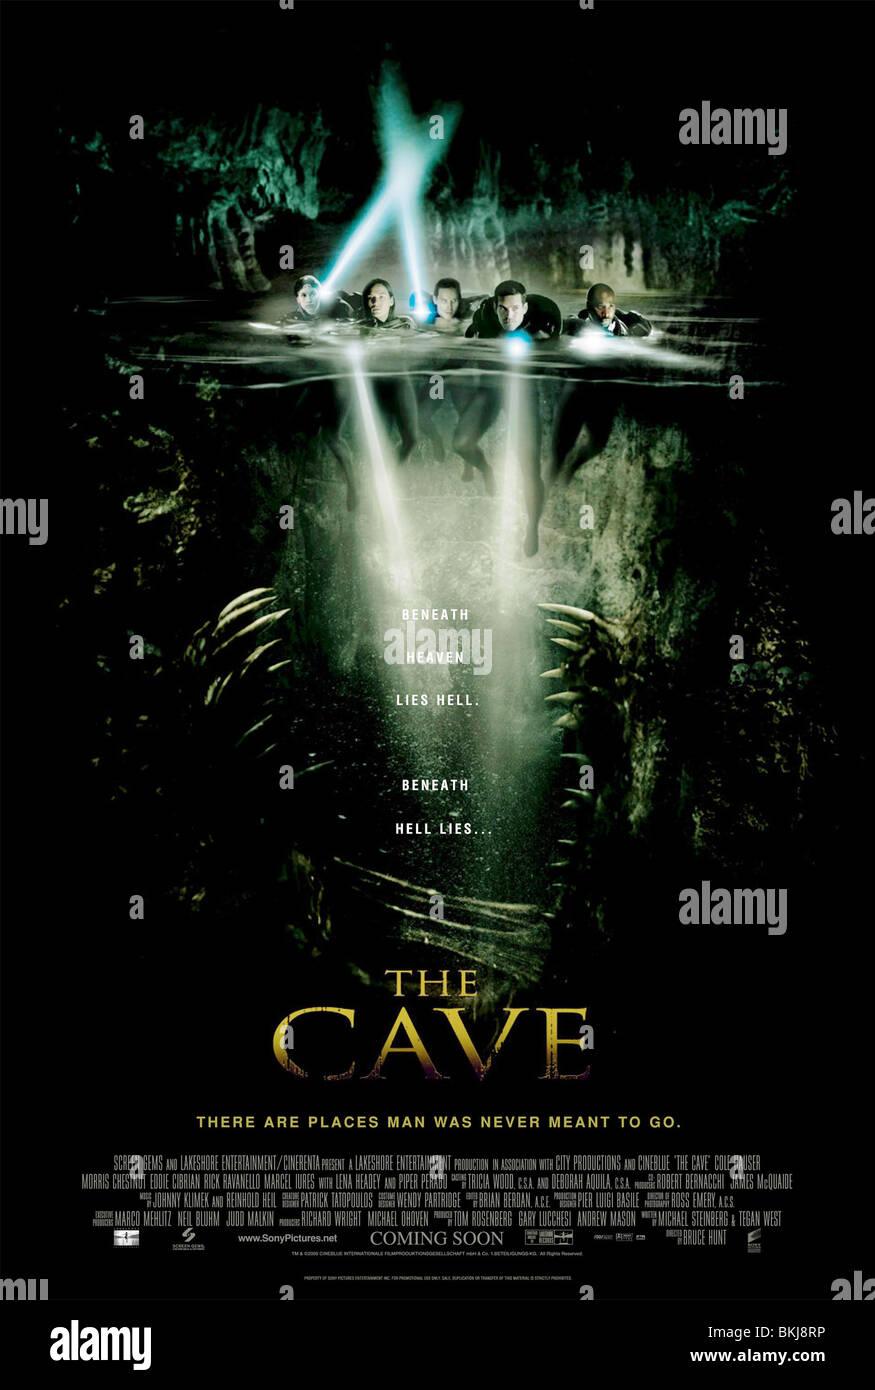 The Cave Film